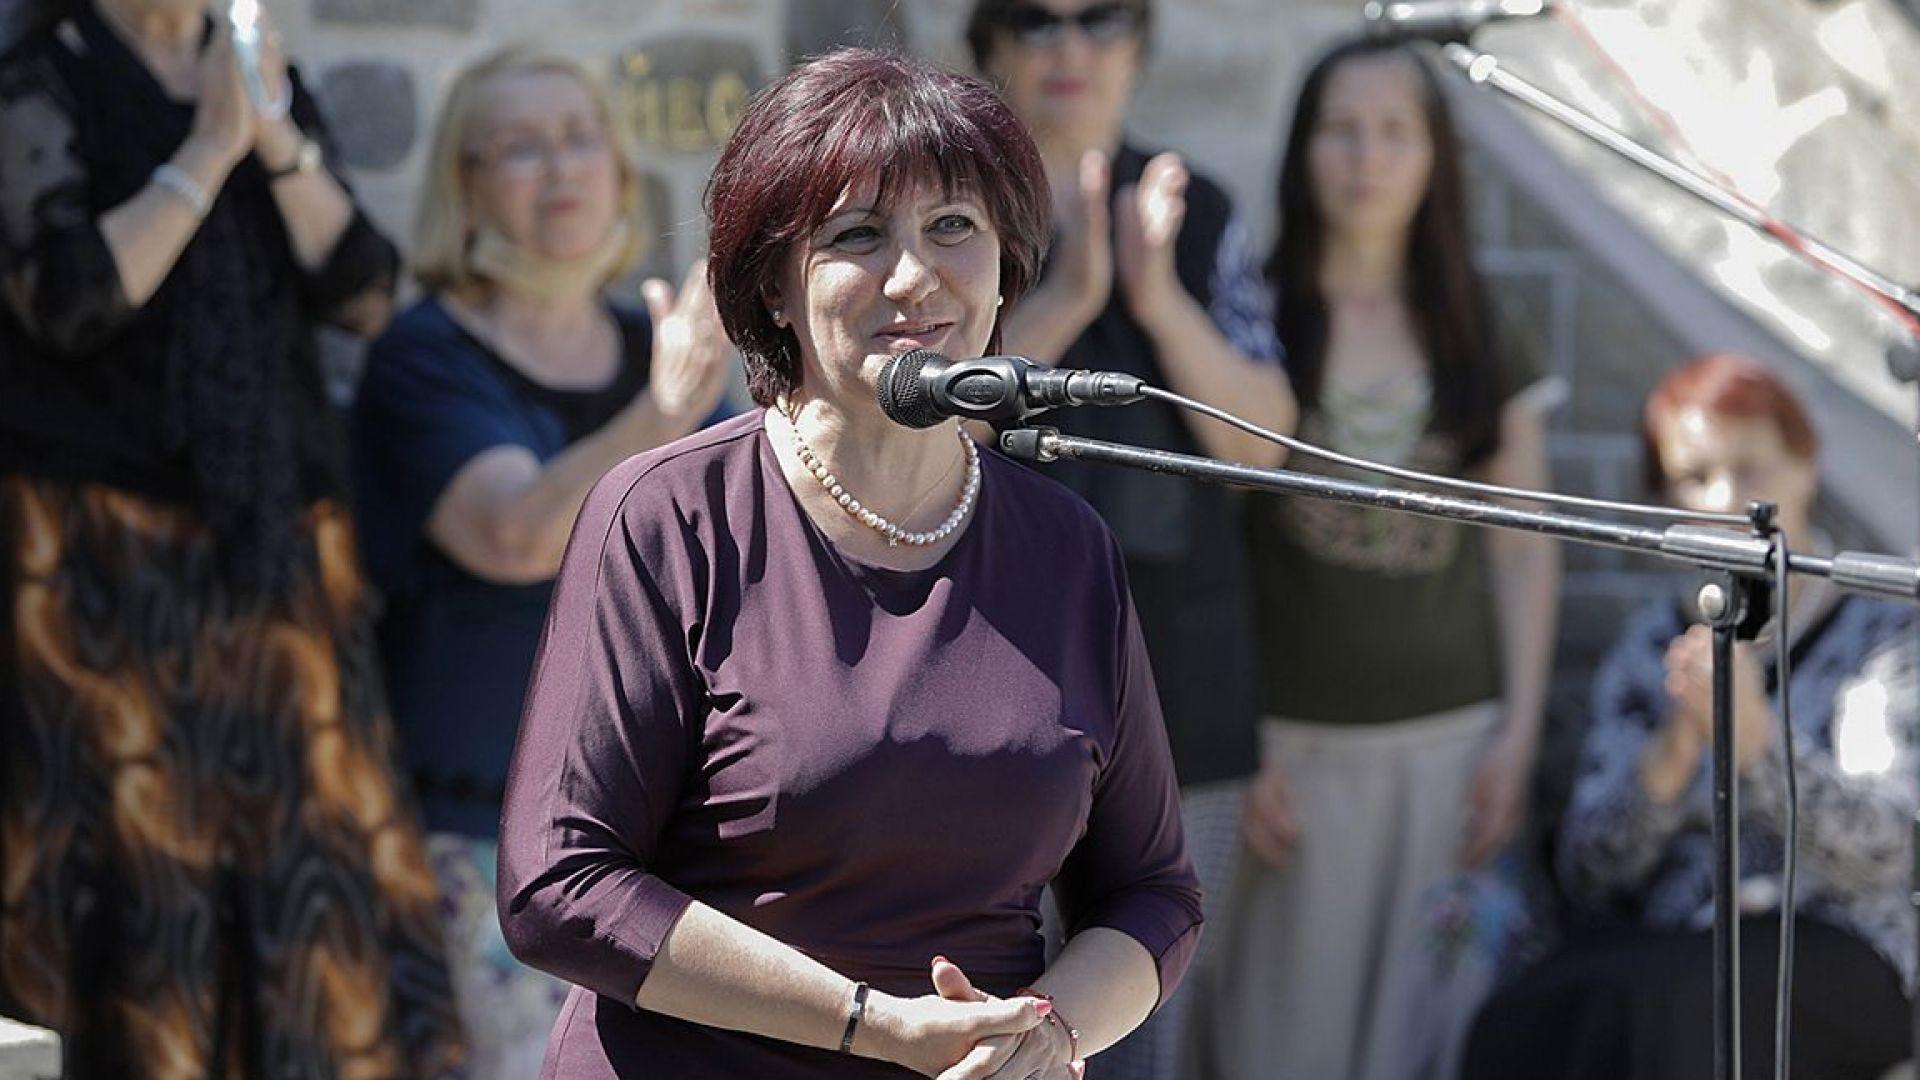 Караянчева: Президентът подстрекава този метеж